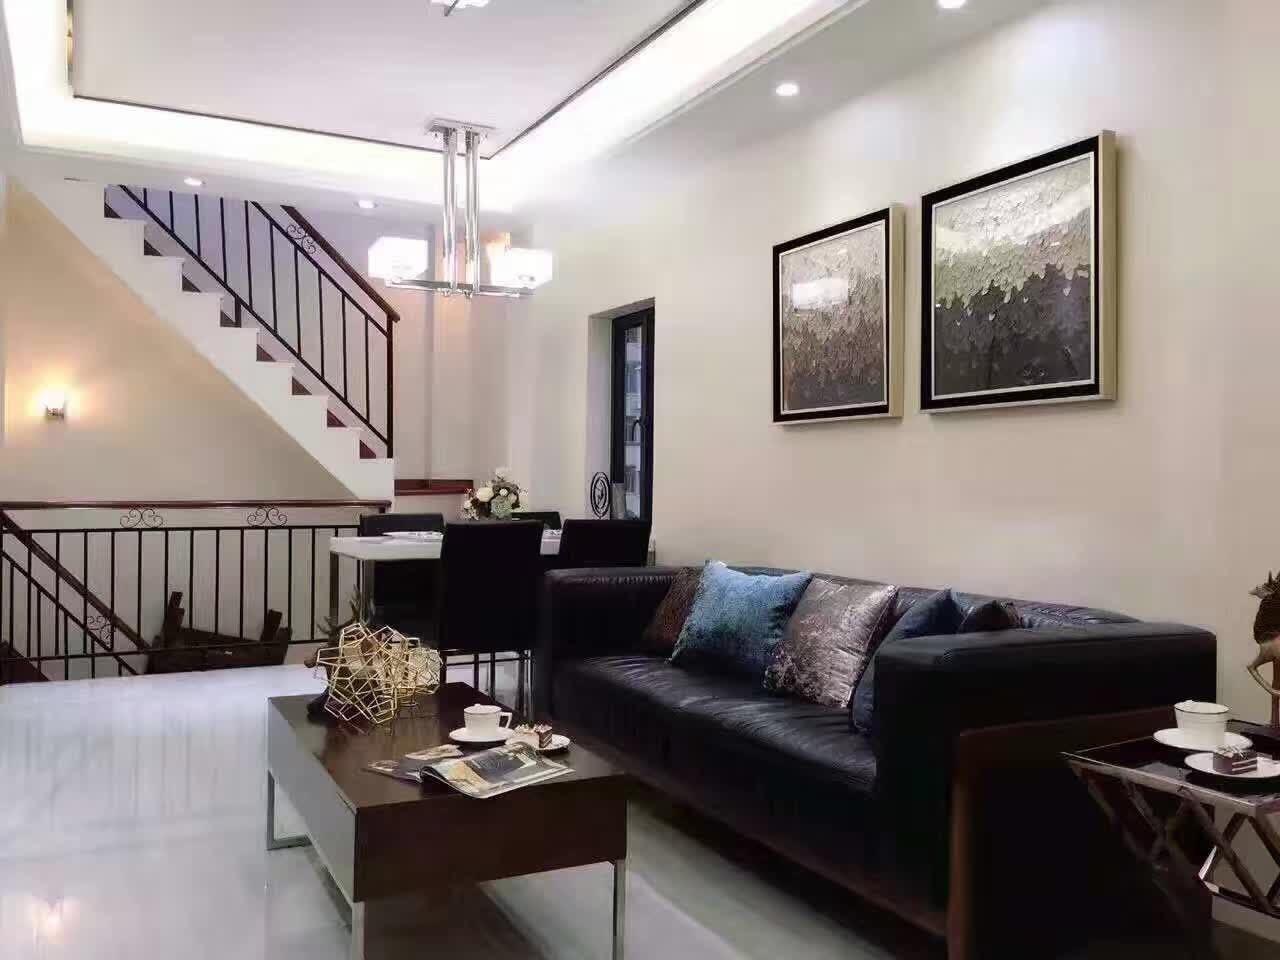 江南大道北 私家别墅三房 名师设计 新建复式私房 送全部家电